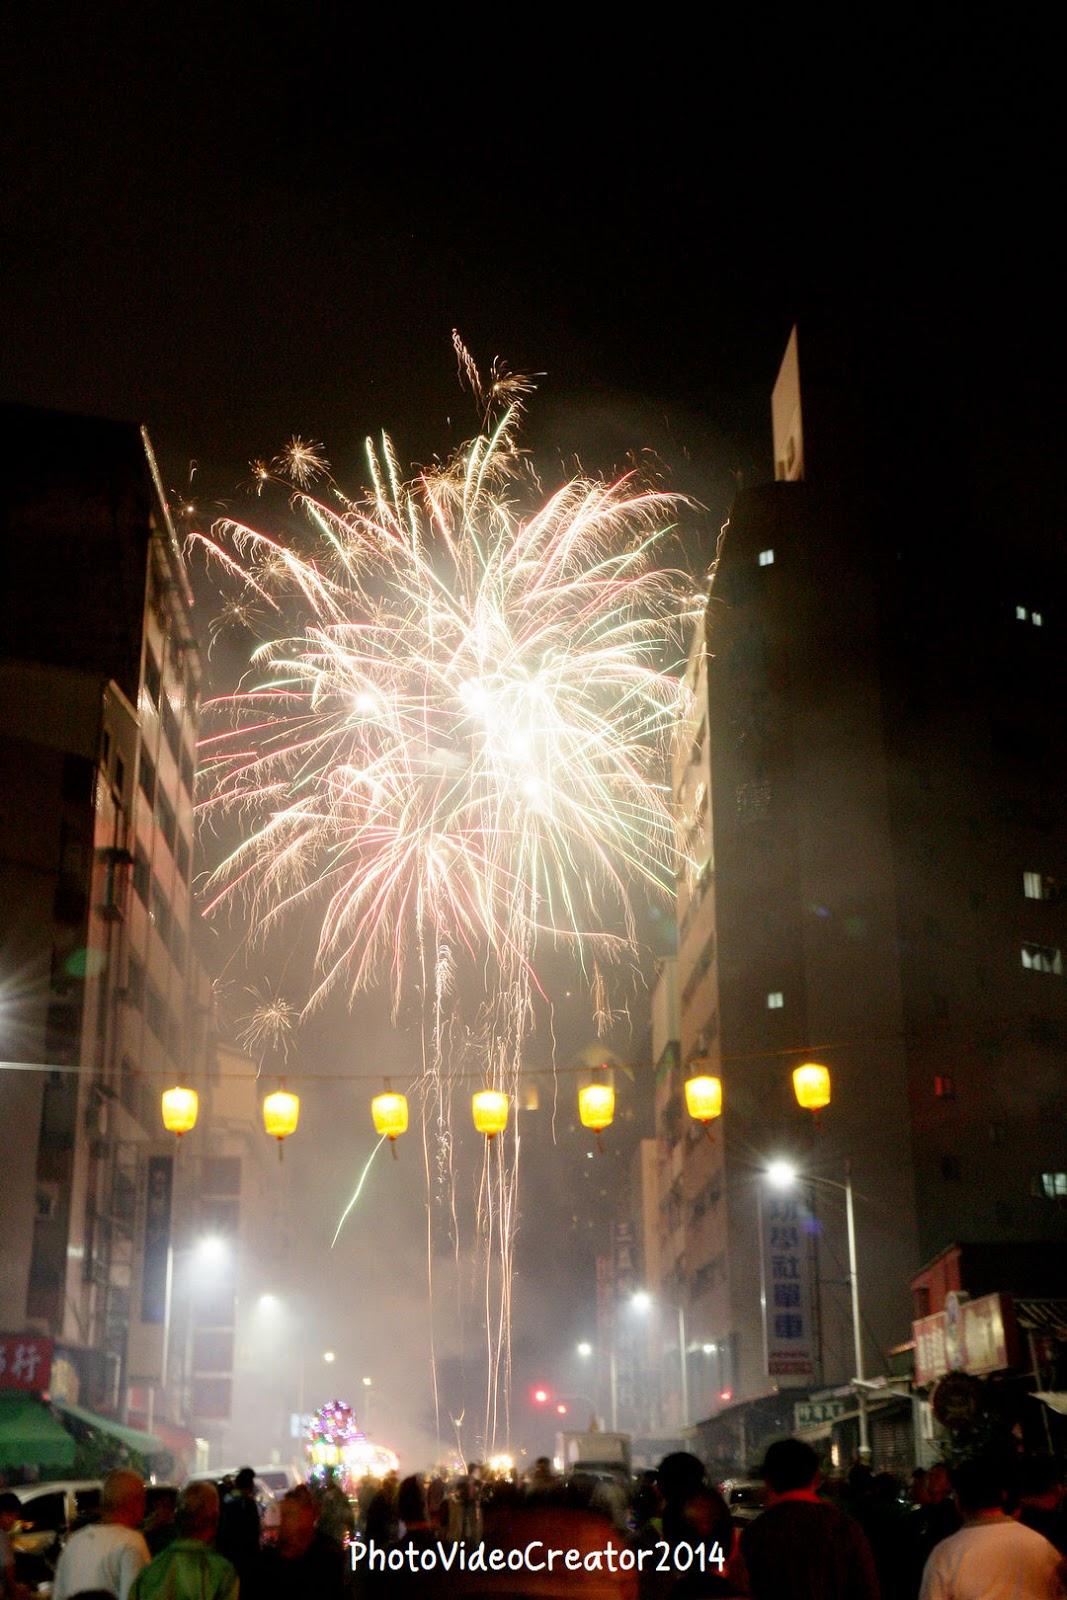 歲次乙未年 2015 3/5 元宵節 高市開基金甲堂金甲雲將軍飛昇記念日暨平安繞境大典